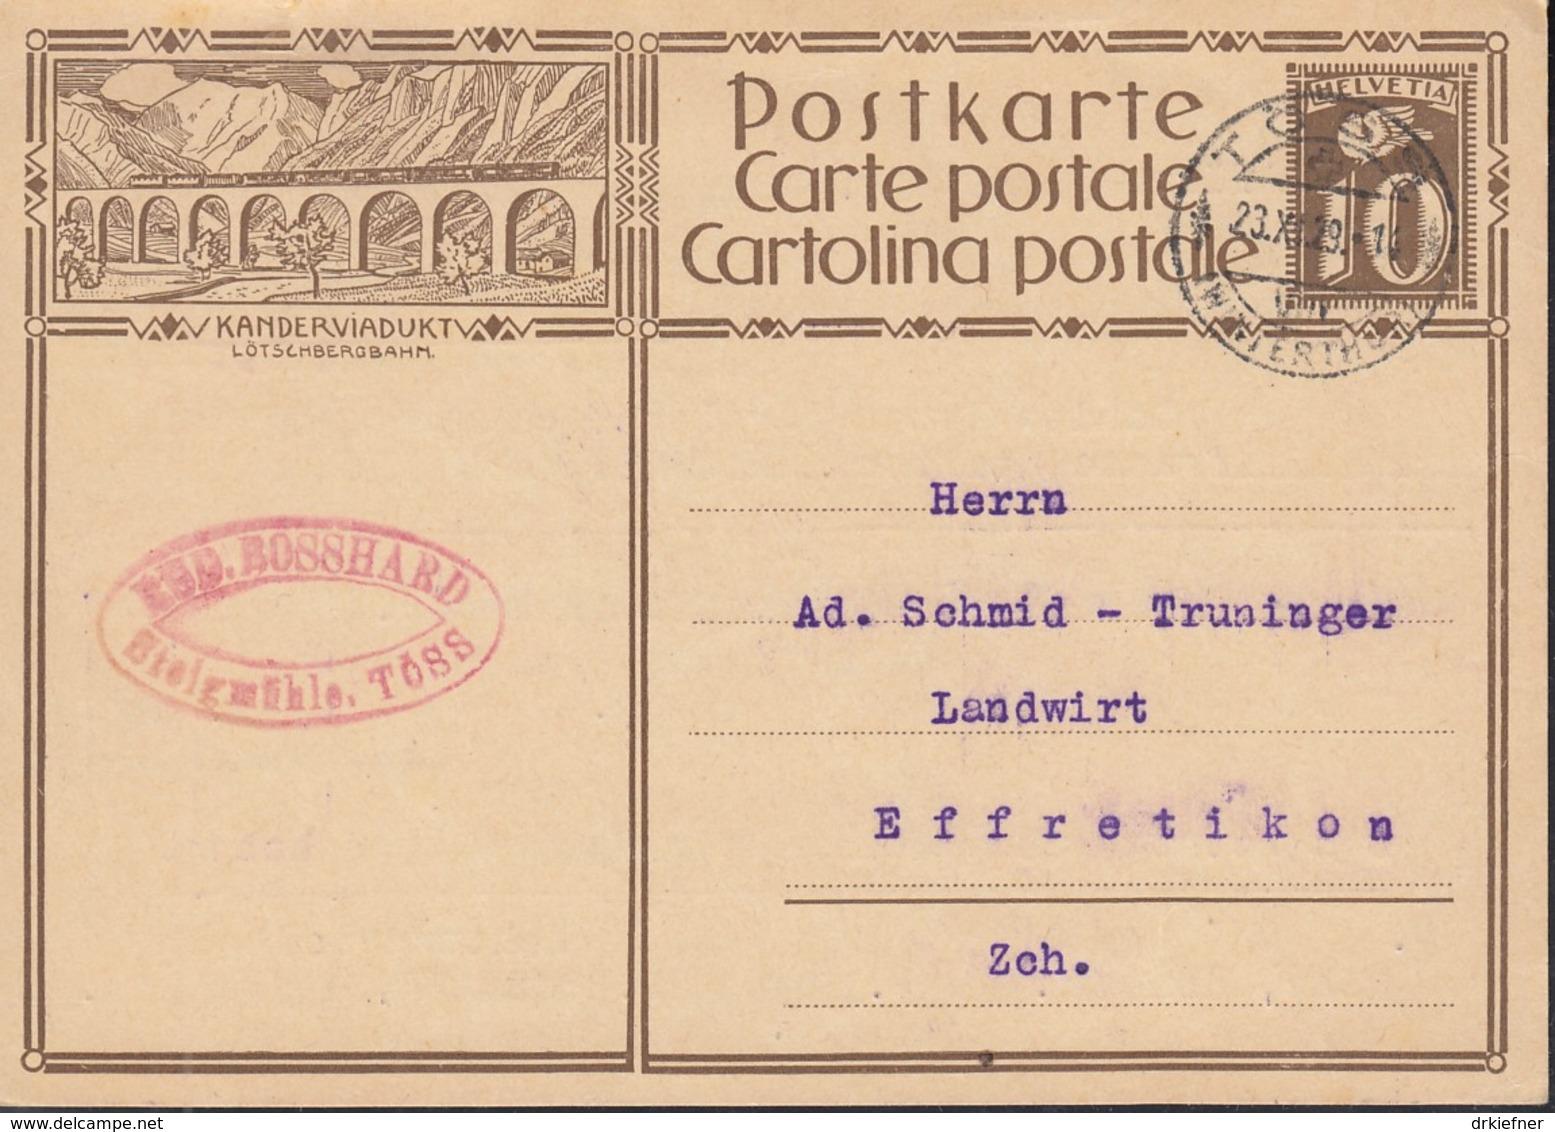 SCHWEIZ  Mi. P 132 I / ZNr.119.7, Bildpostkarte: KANDERVIADUKT LÖTSCHBERGBAHN, Gestempelt: Töss 23.XI.1929 - Ganzsachen